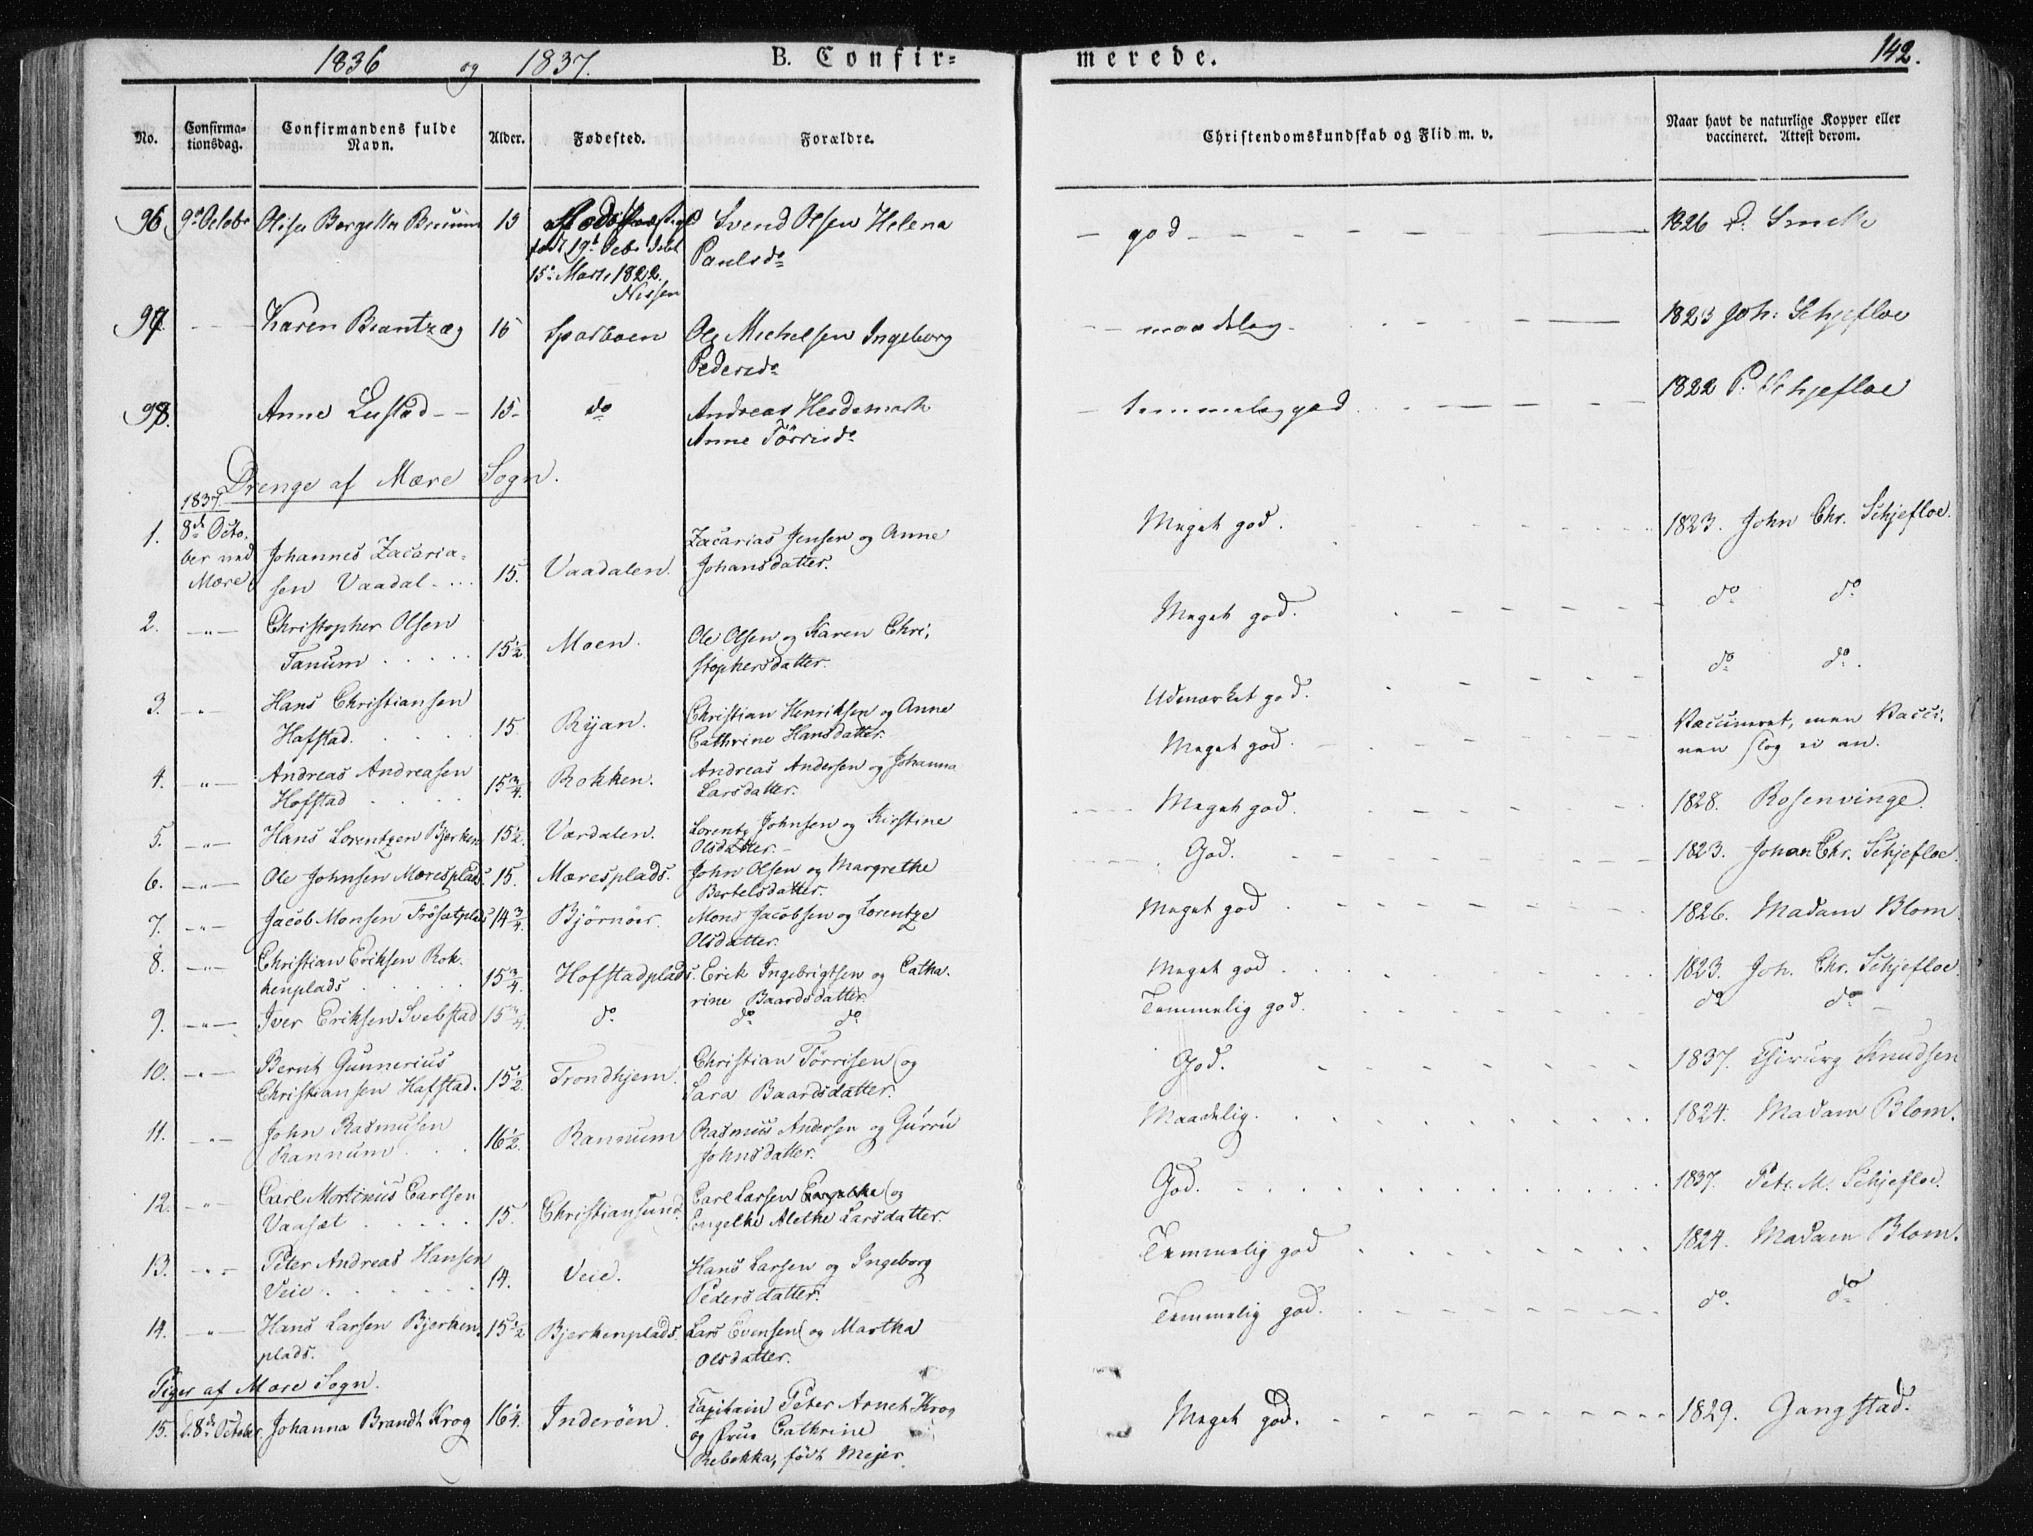 SAT, Ministerialprotokoller, klokkerbøker og fødselsregistre - Nord-Trøndelag, 735/L0339: Ministerialbok nr. 735A06 /1, 1836-1848, s. 142